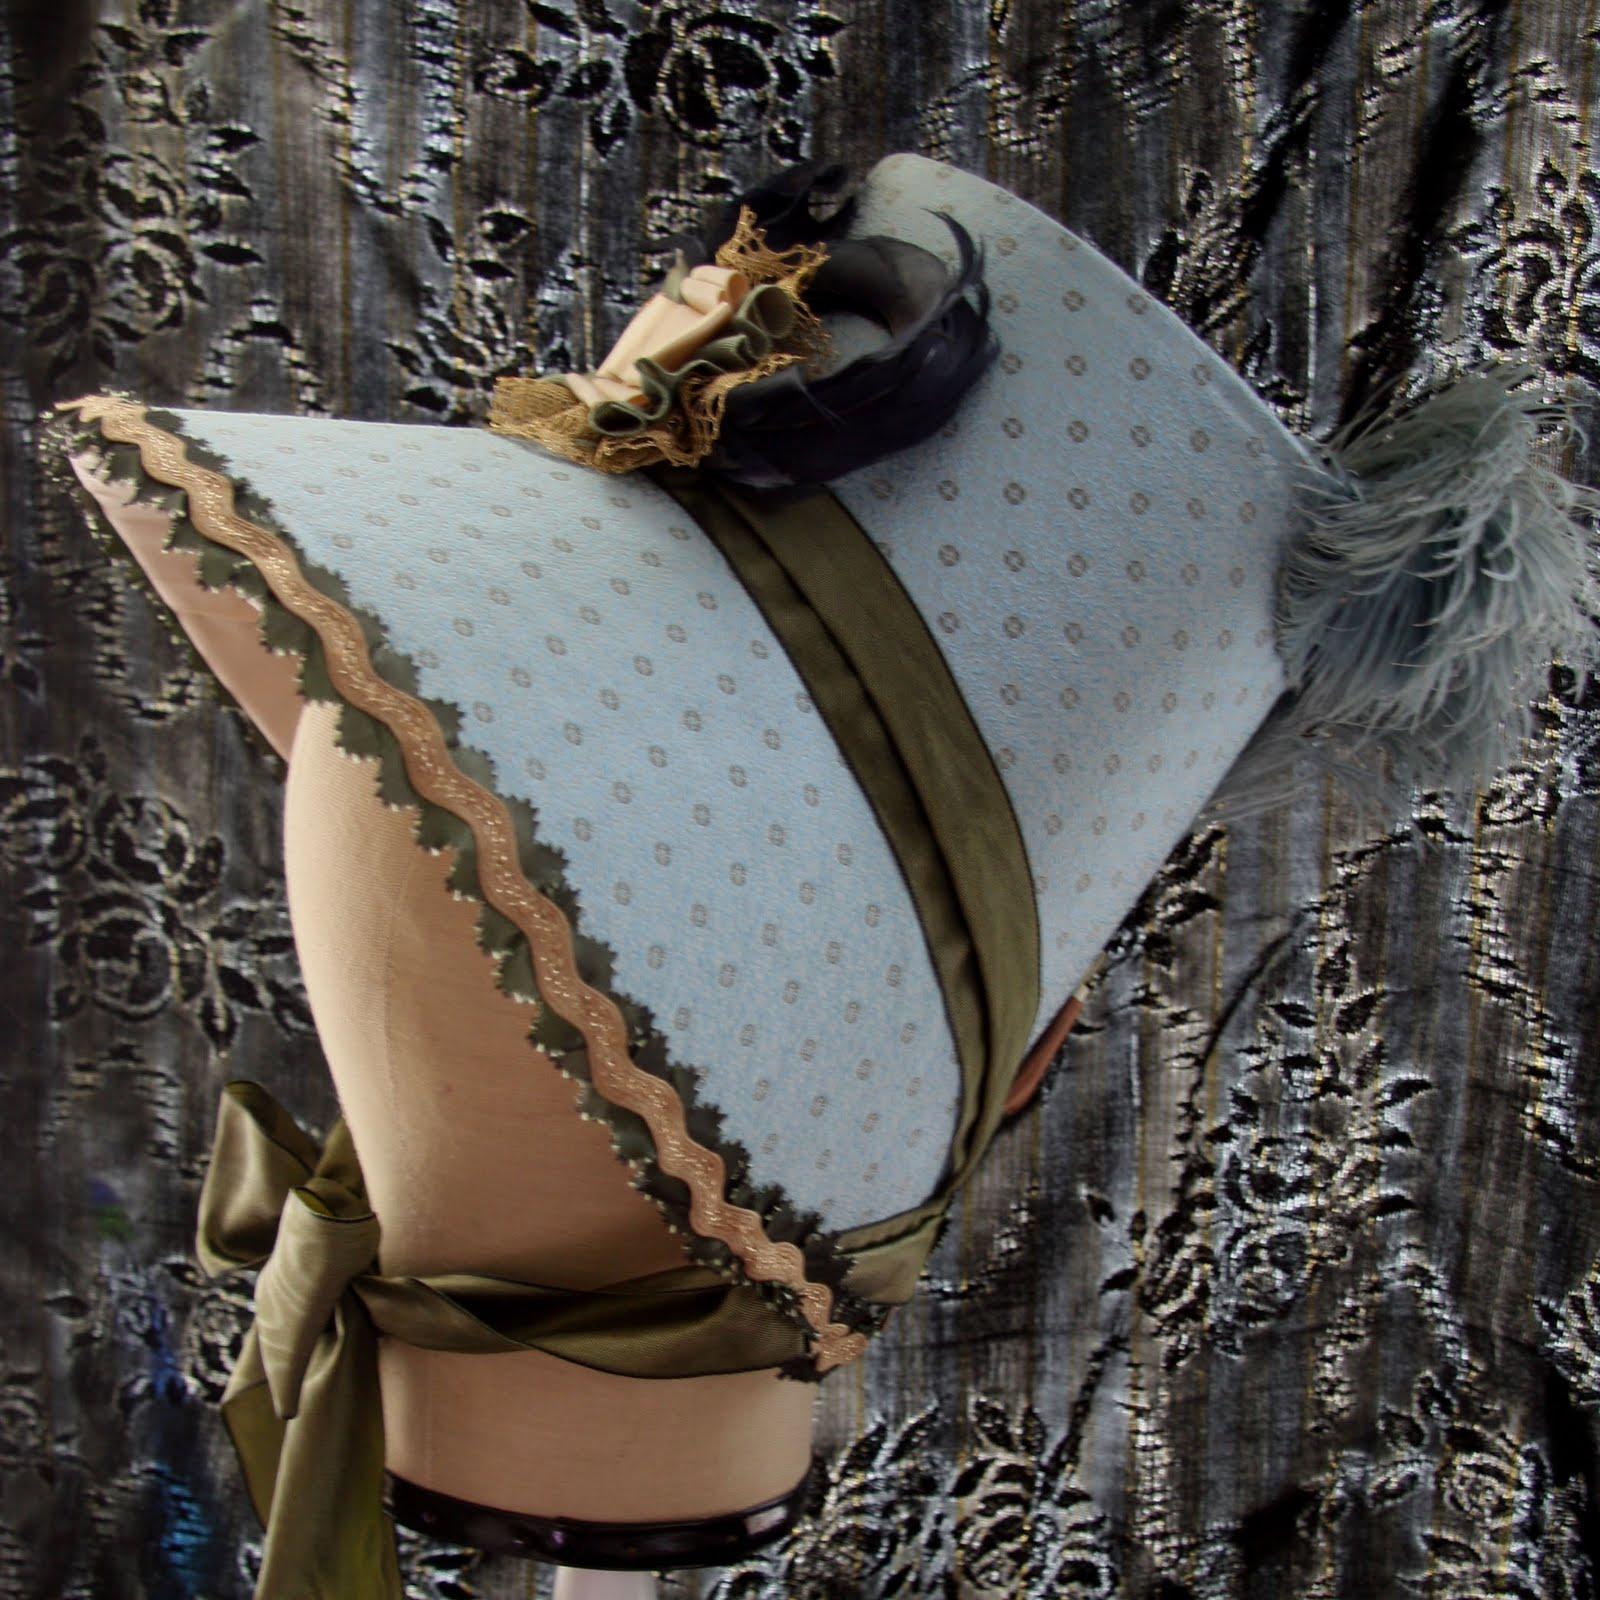 Regency: Duchess Trading: New Regency Bonnet